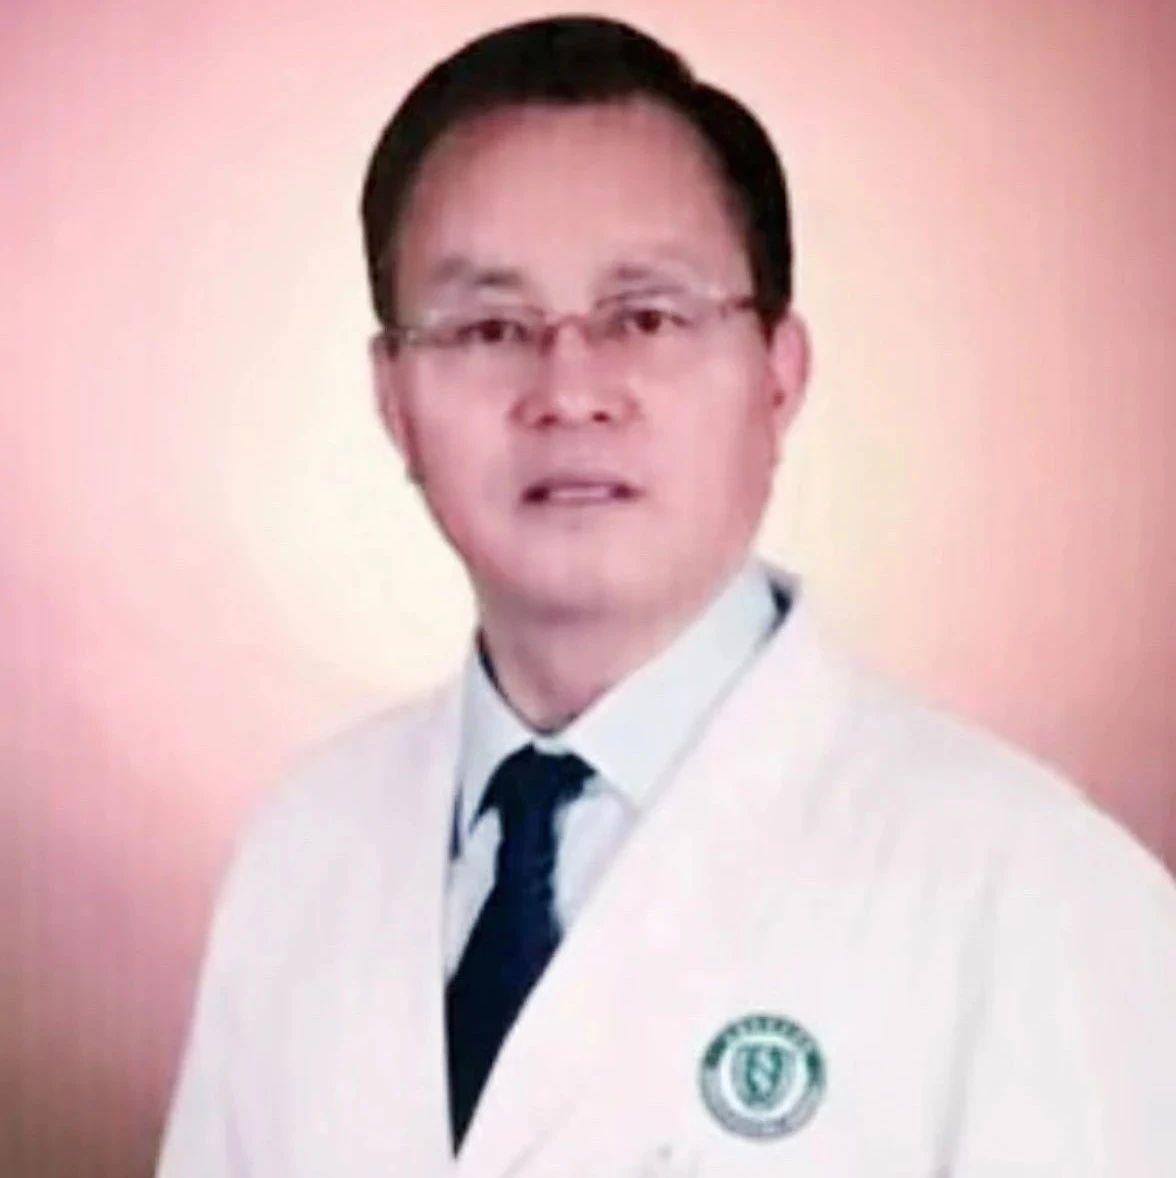 丽玲访名医丨赵新闻:冠心病找准病因才能用对药